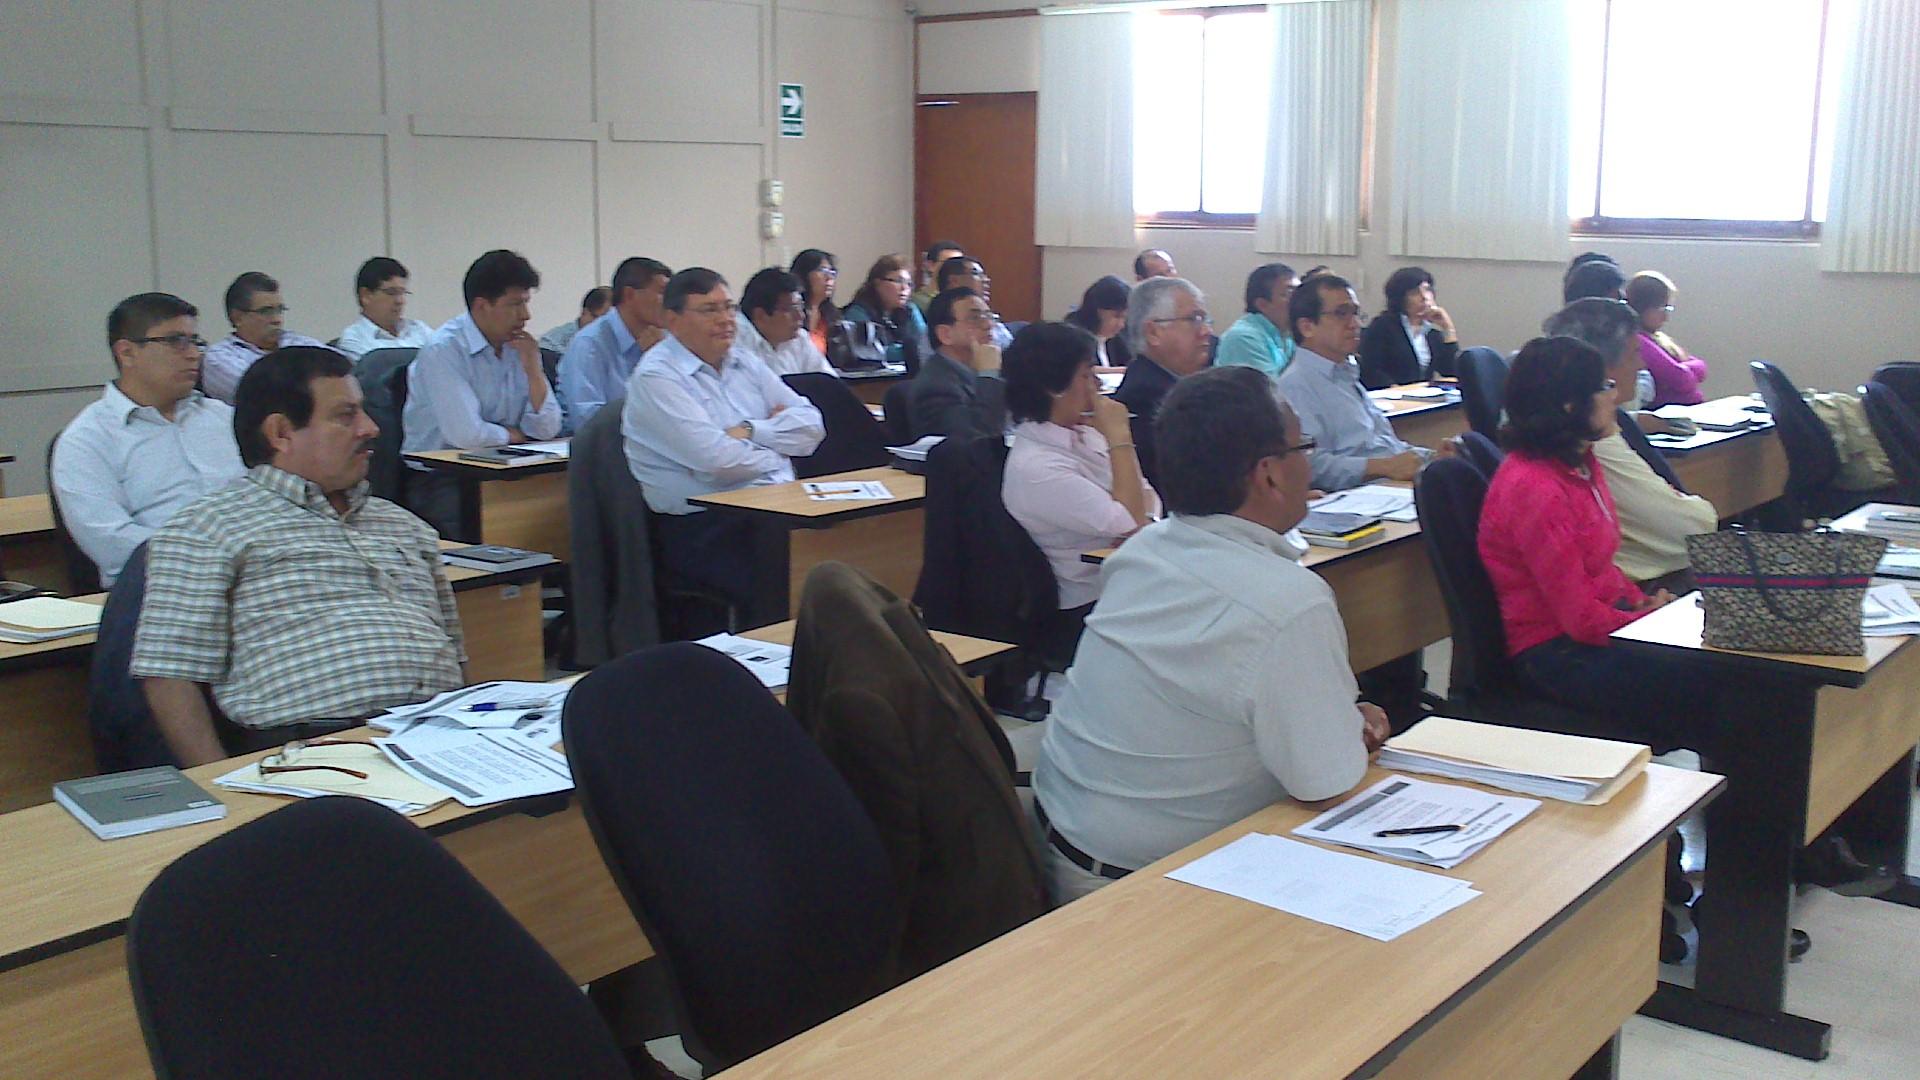 """Alumnos de """"La actividad empresarial del Estado"""" asisten a la sesión del sábado 18 de mayo de 2013."""